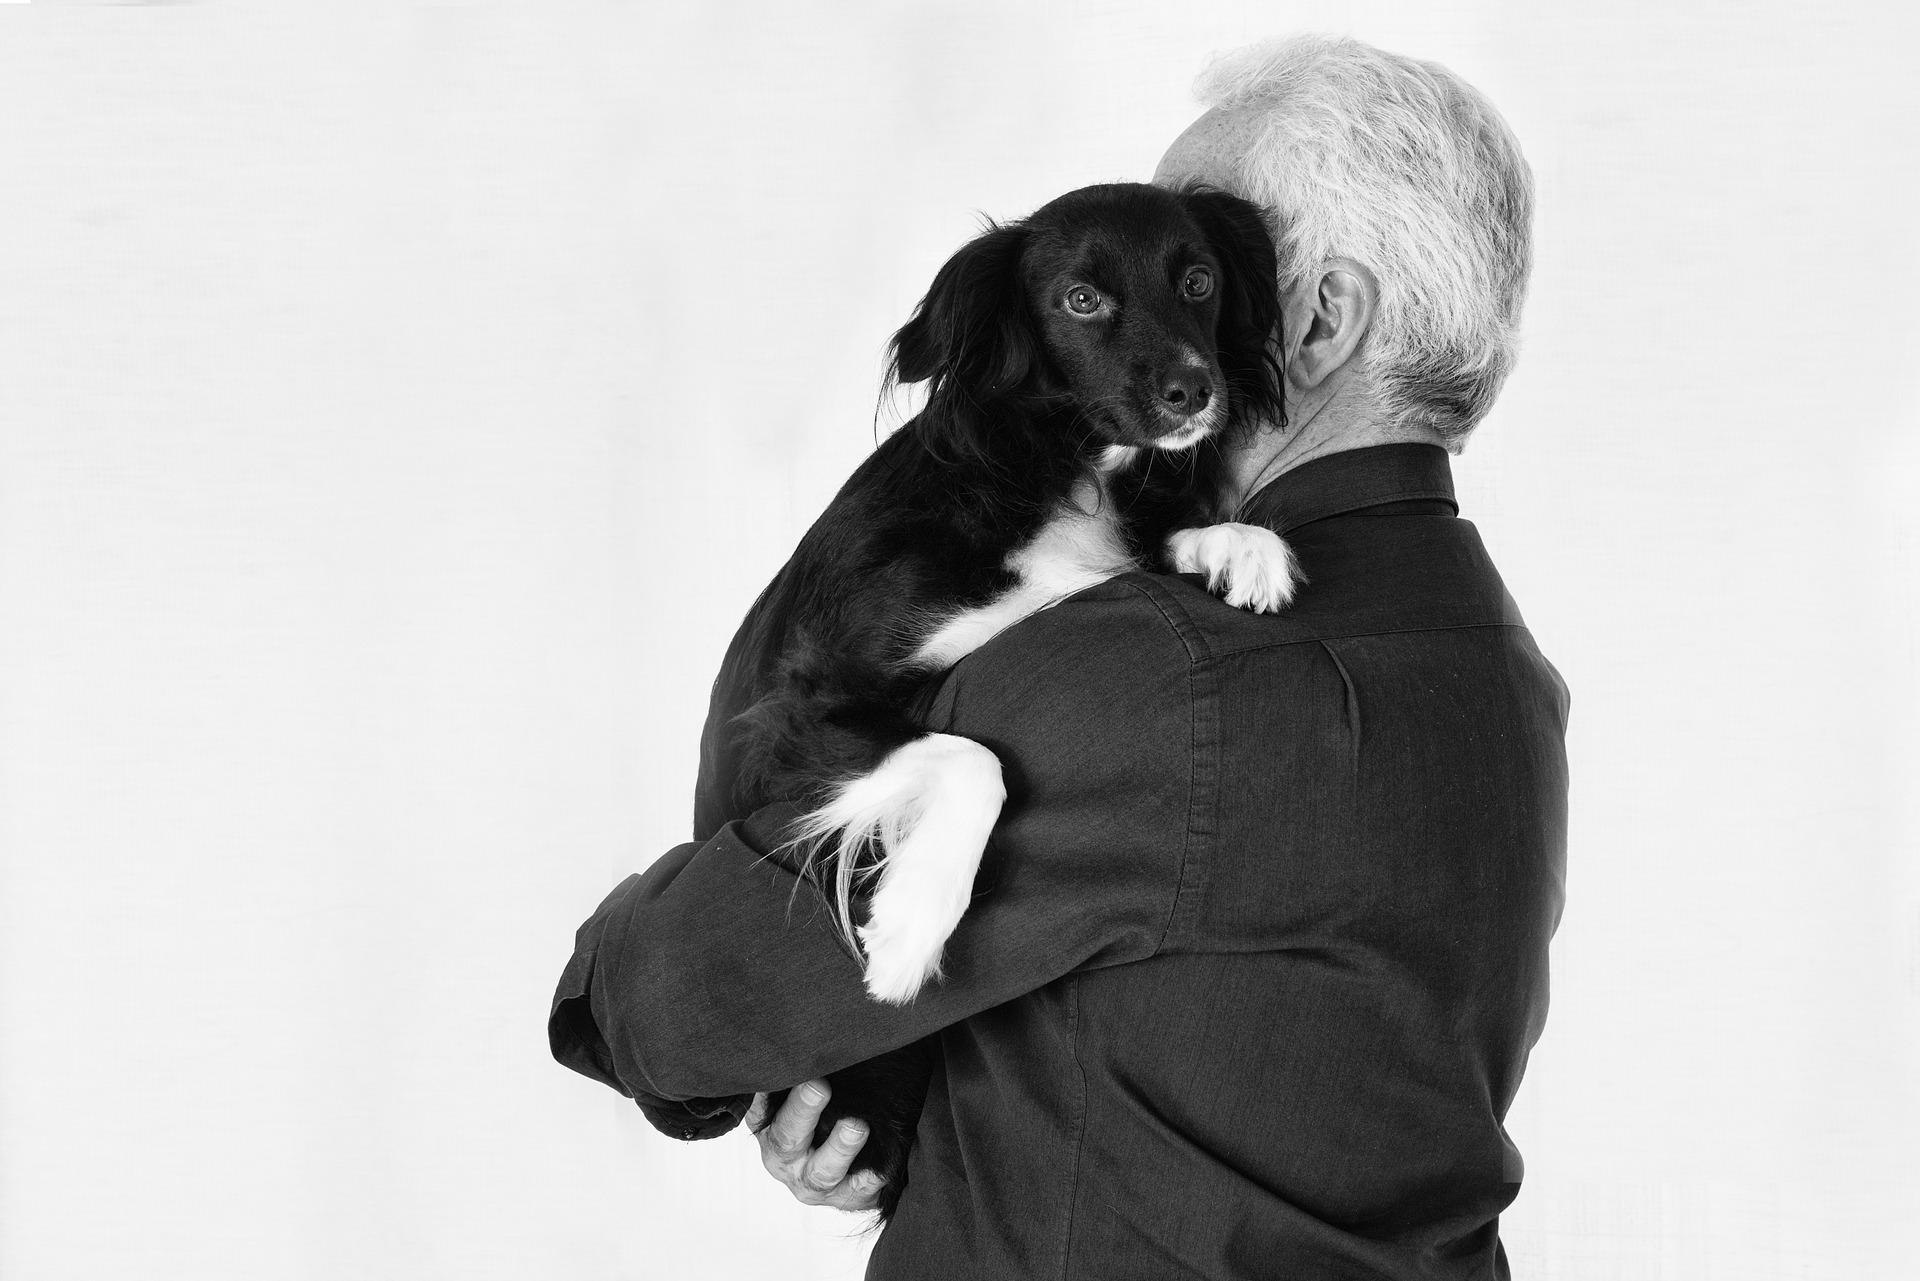 curiosità sui cani il dna è simile a quello umano